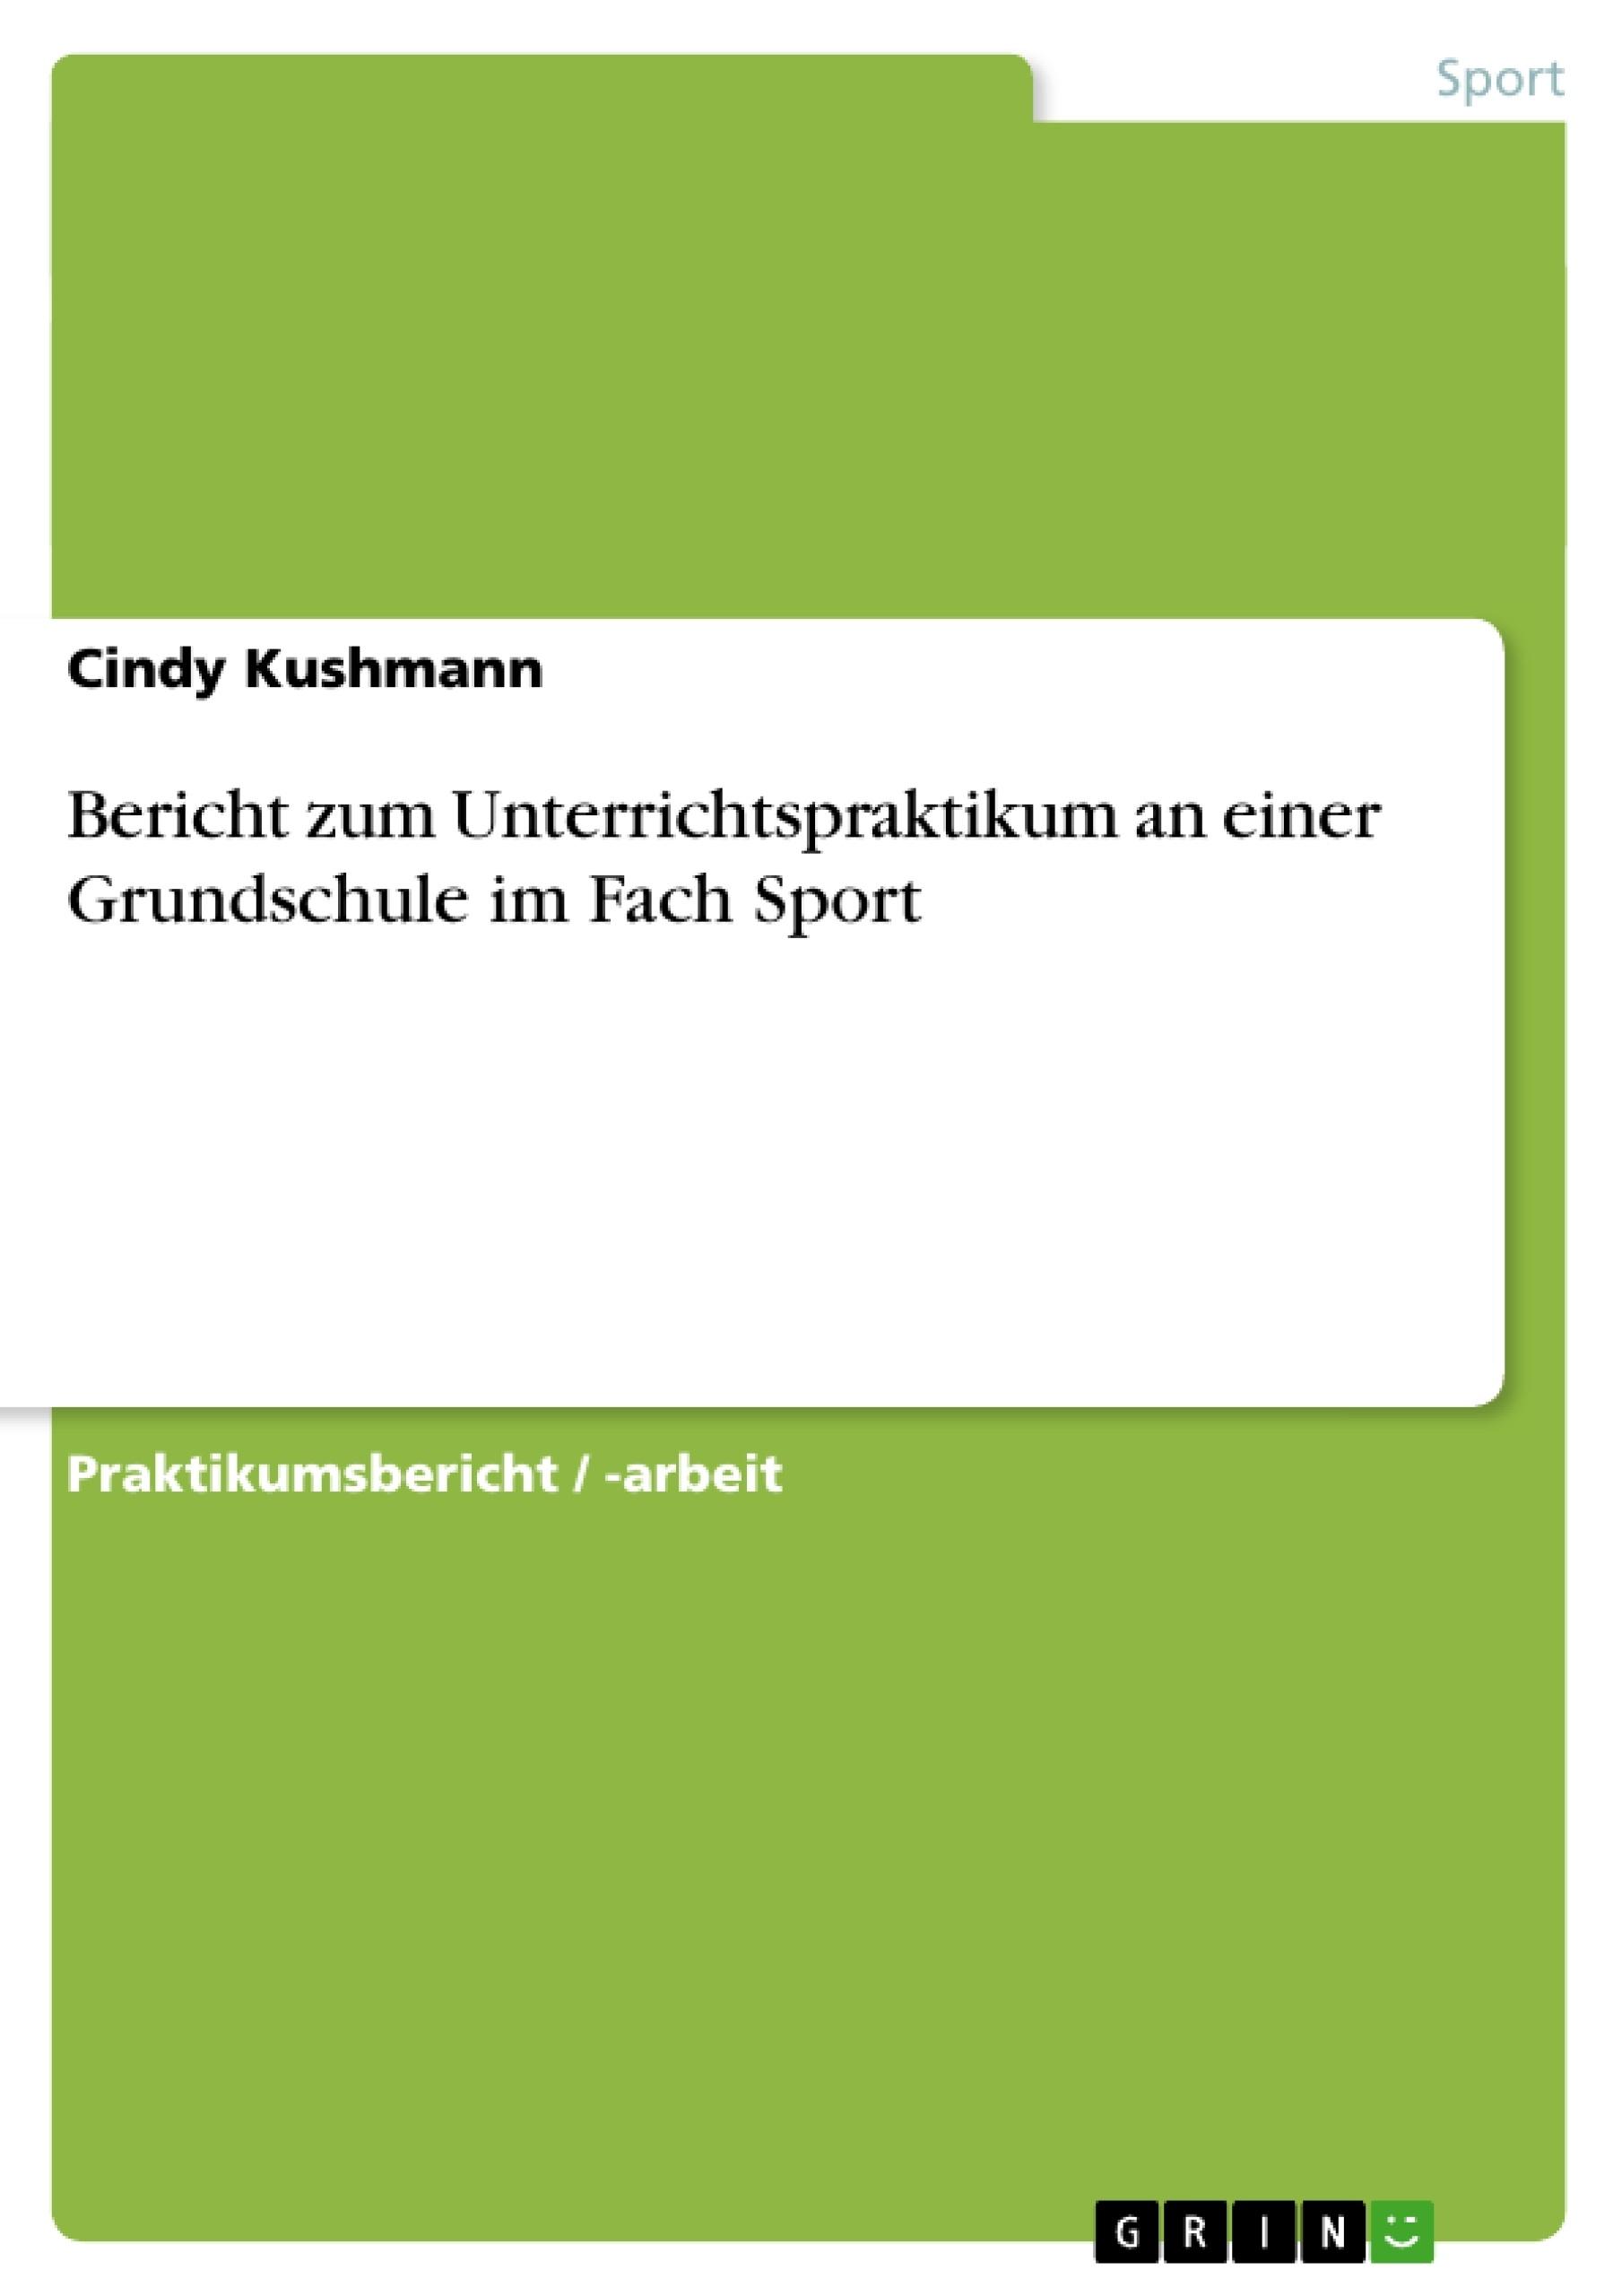 Titel: Bericht zum Unterrichtspraktikum an einer Grundschule im Fach Sport